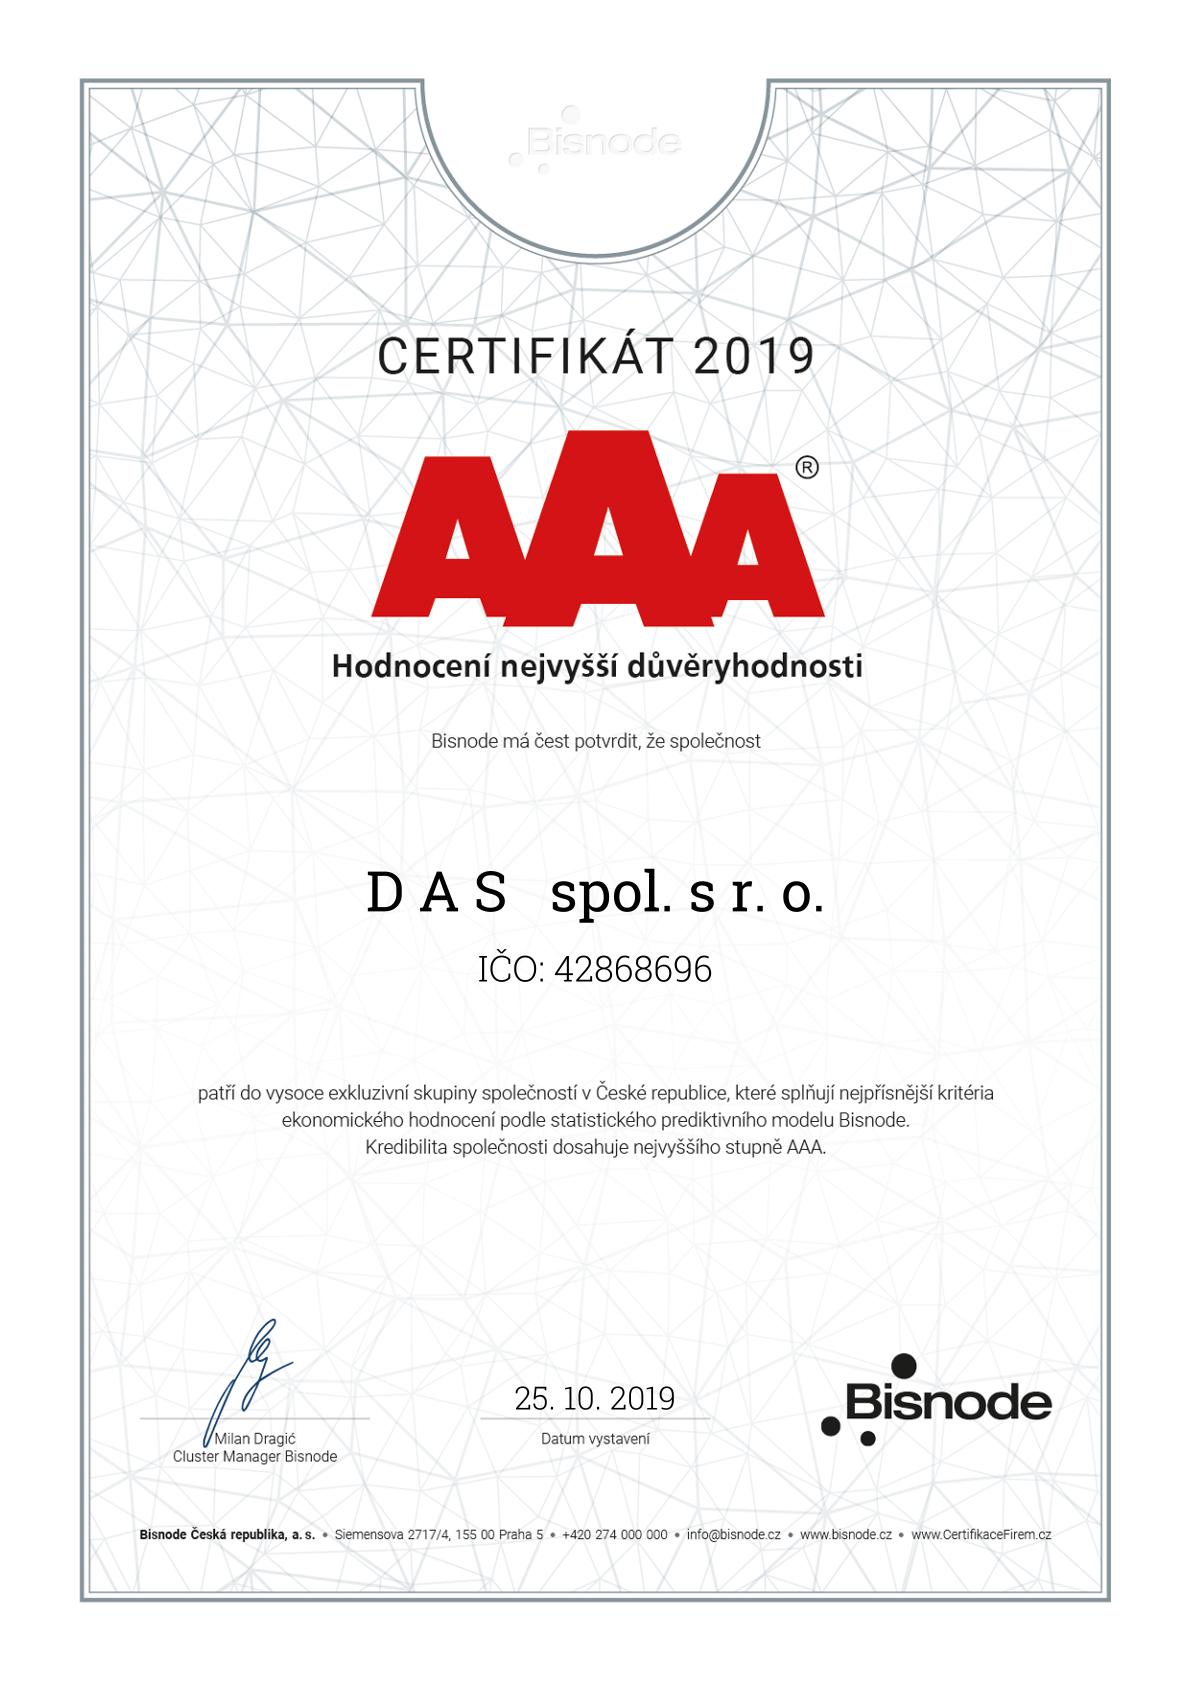 Certifikát Nejvyšší důvěryhodnosti AAA Bisnode pro DAS